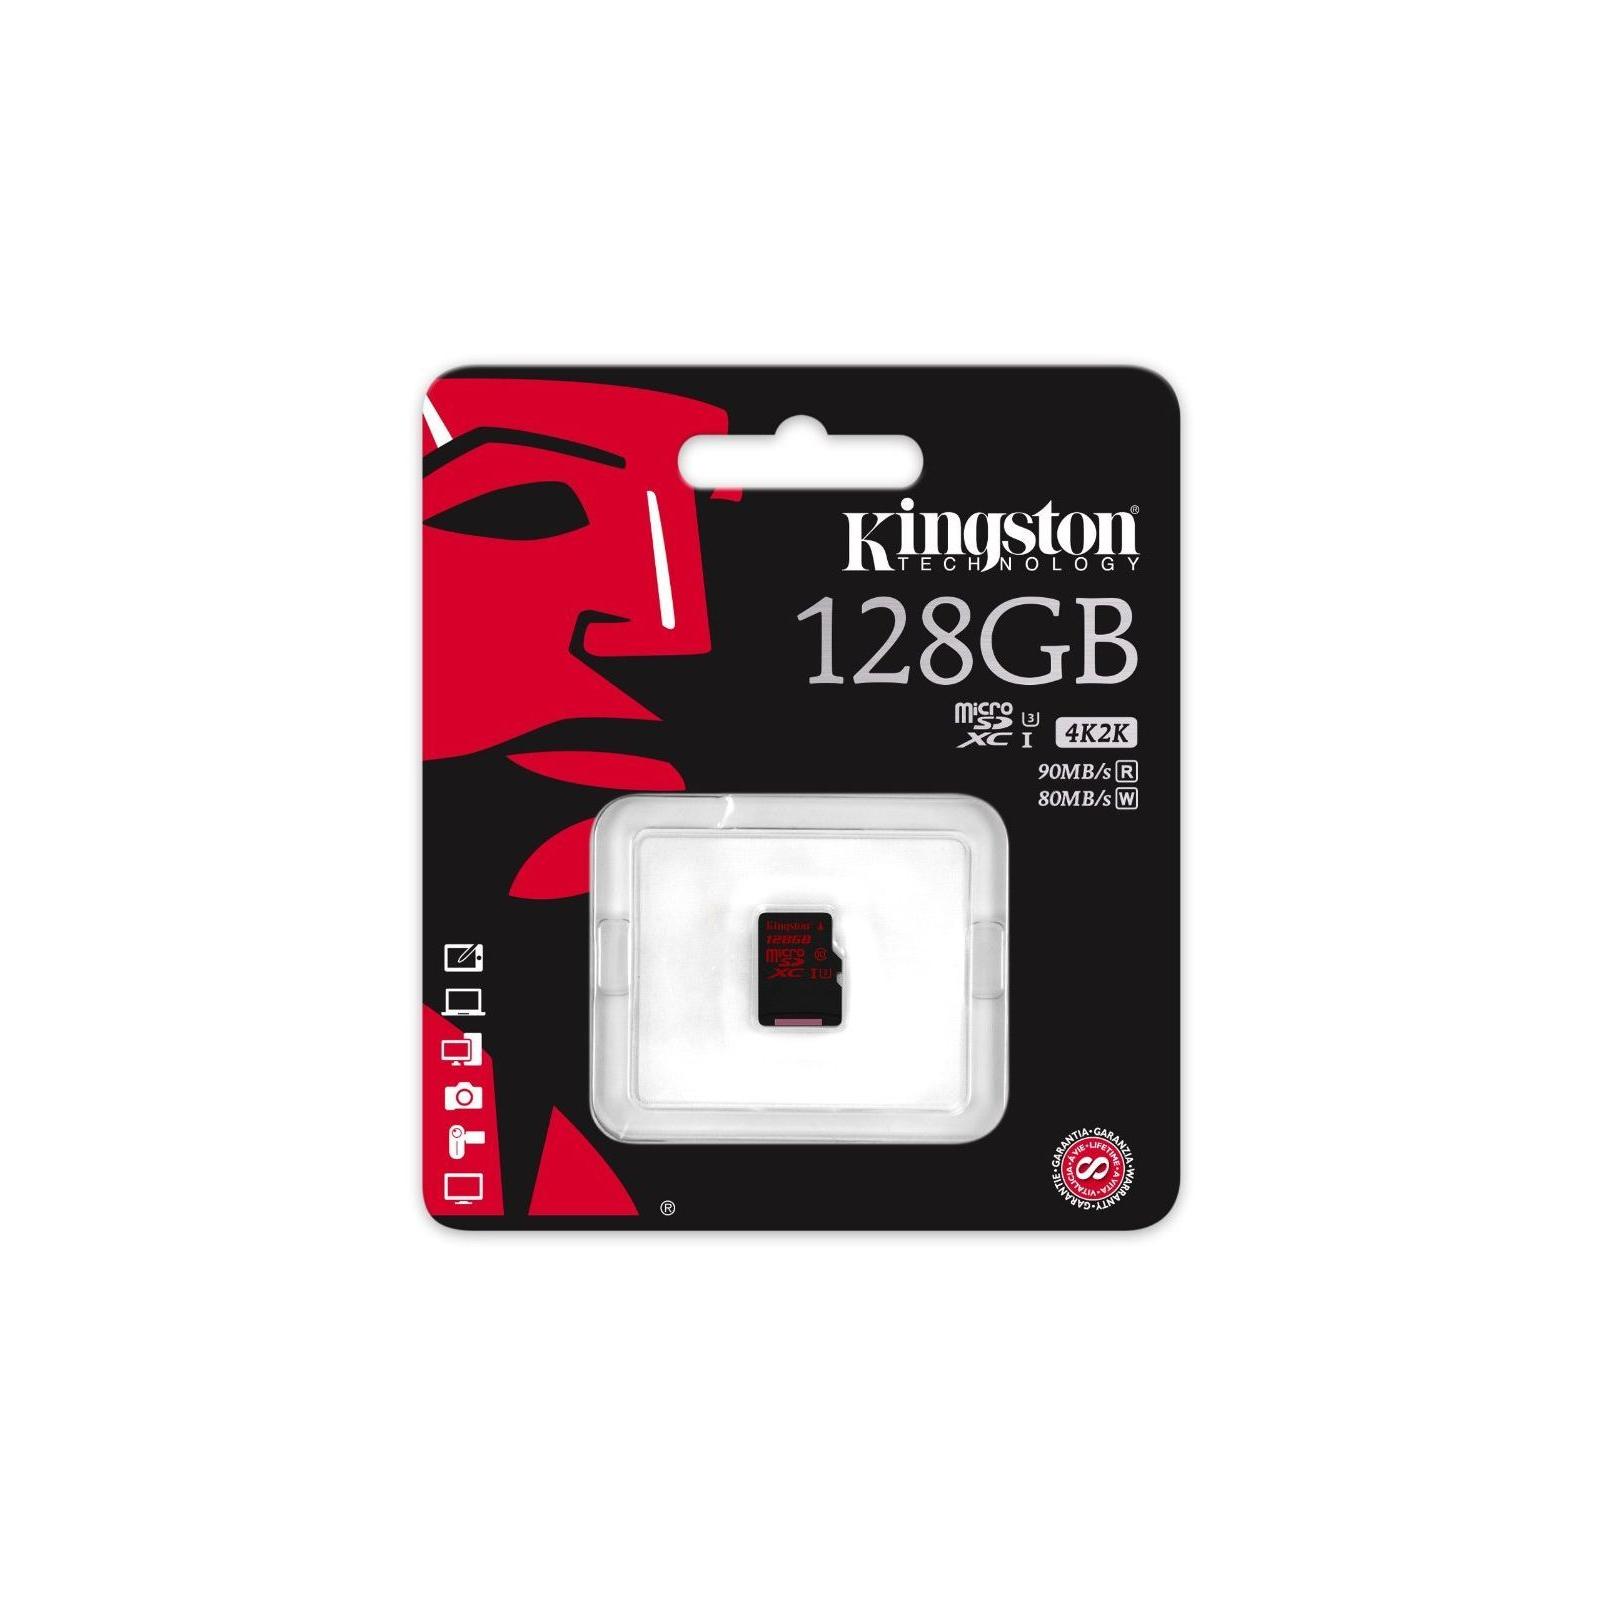 Карта памяти Kingston 128GB microSDXC class10 UHS-I U3 (SDCA3/128GBSP) изображение 2